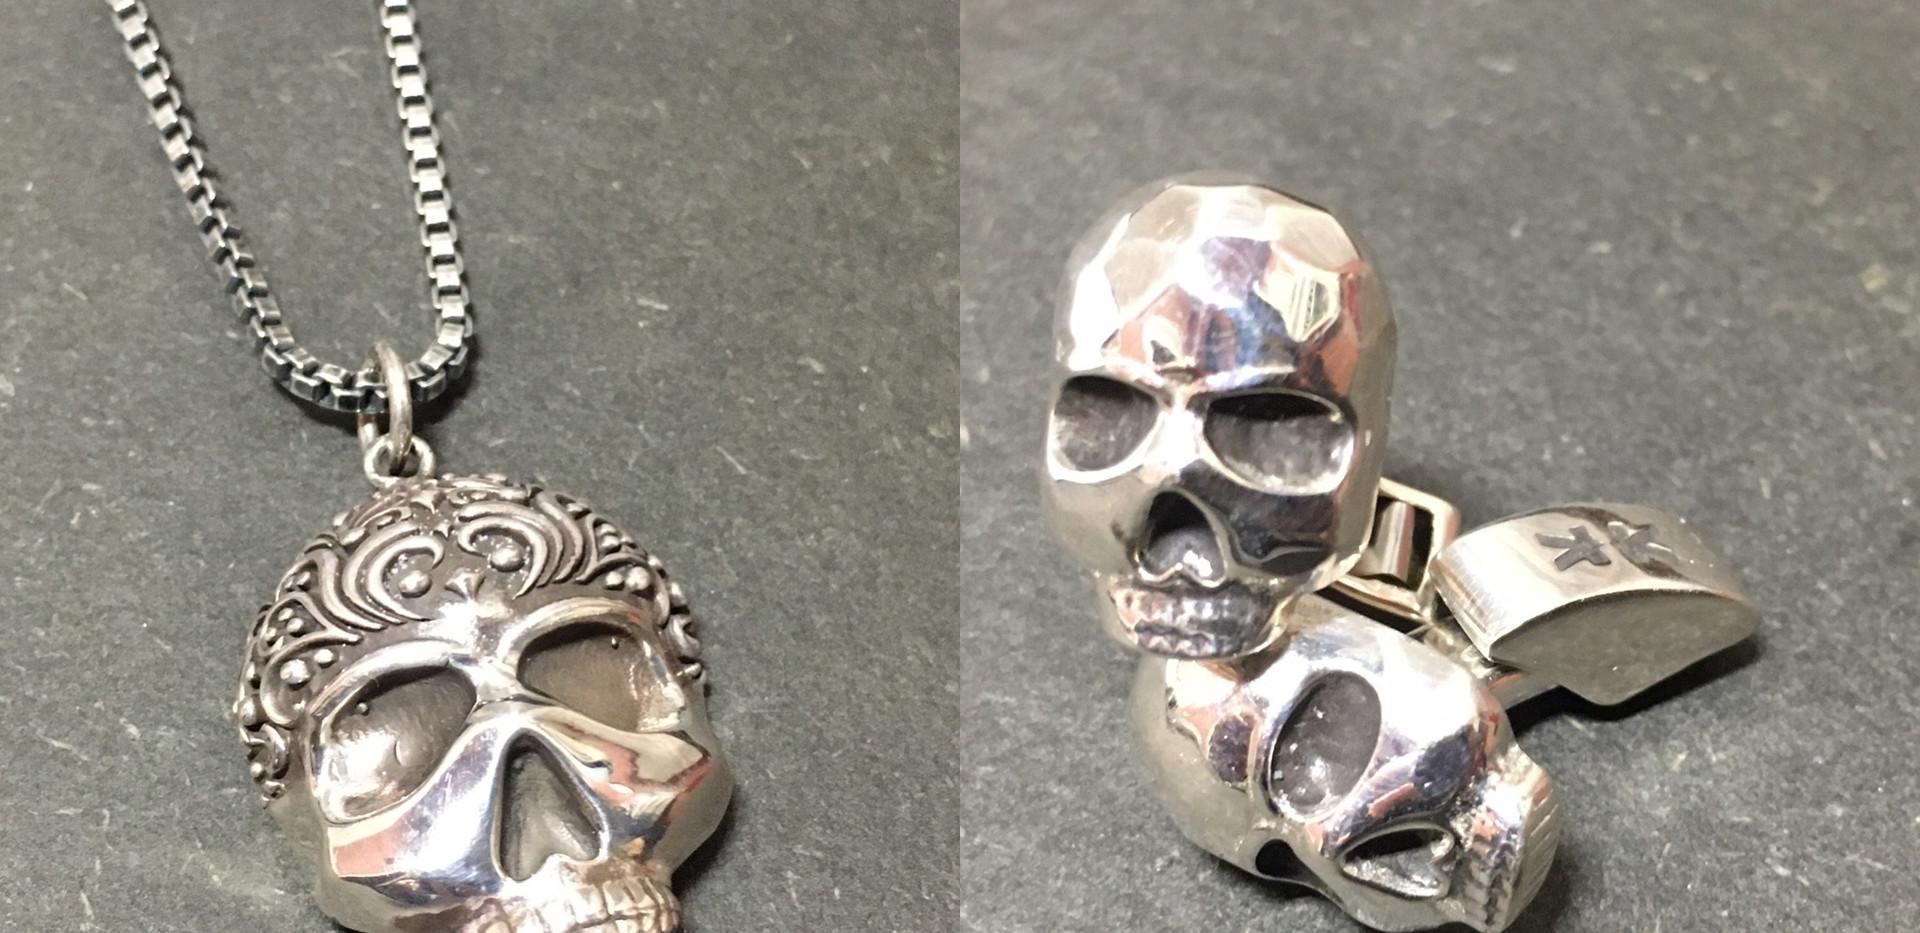 Collier- RARE bouton de manchette crane IKKU argent 925. Chaine venitienne finition ruthenium.